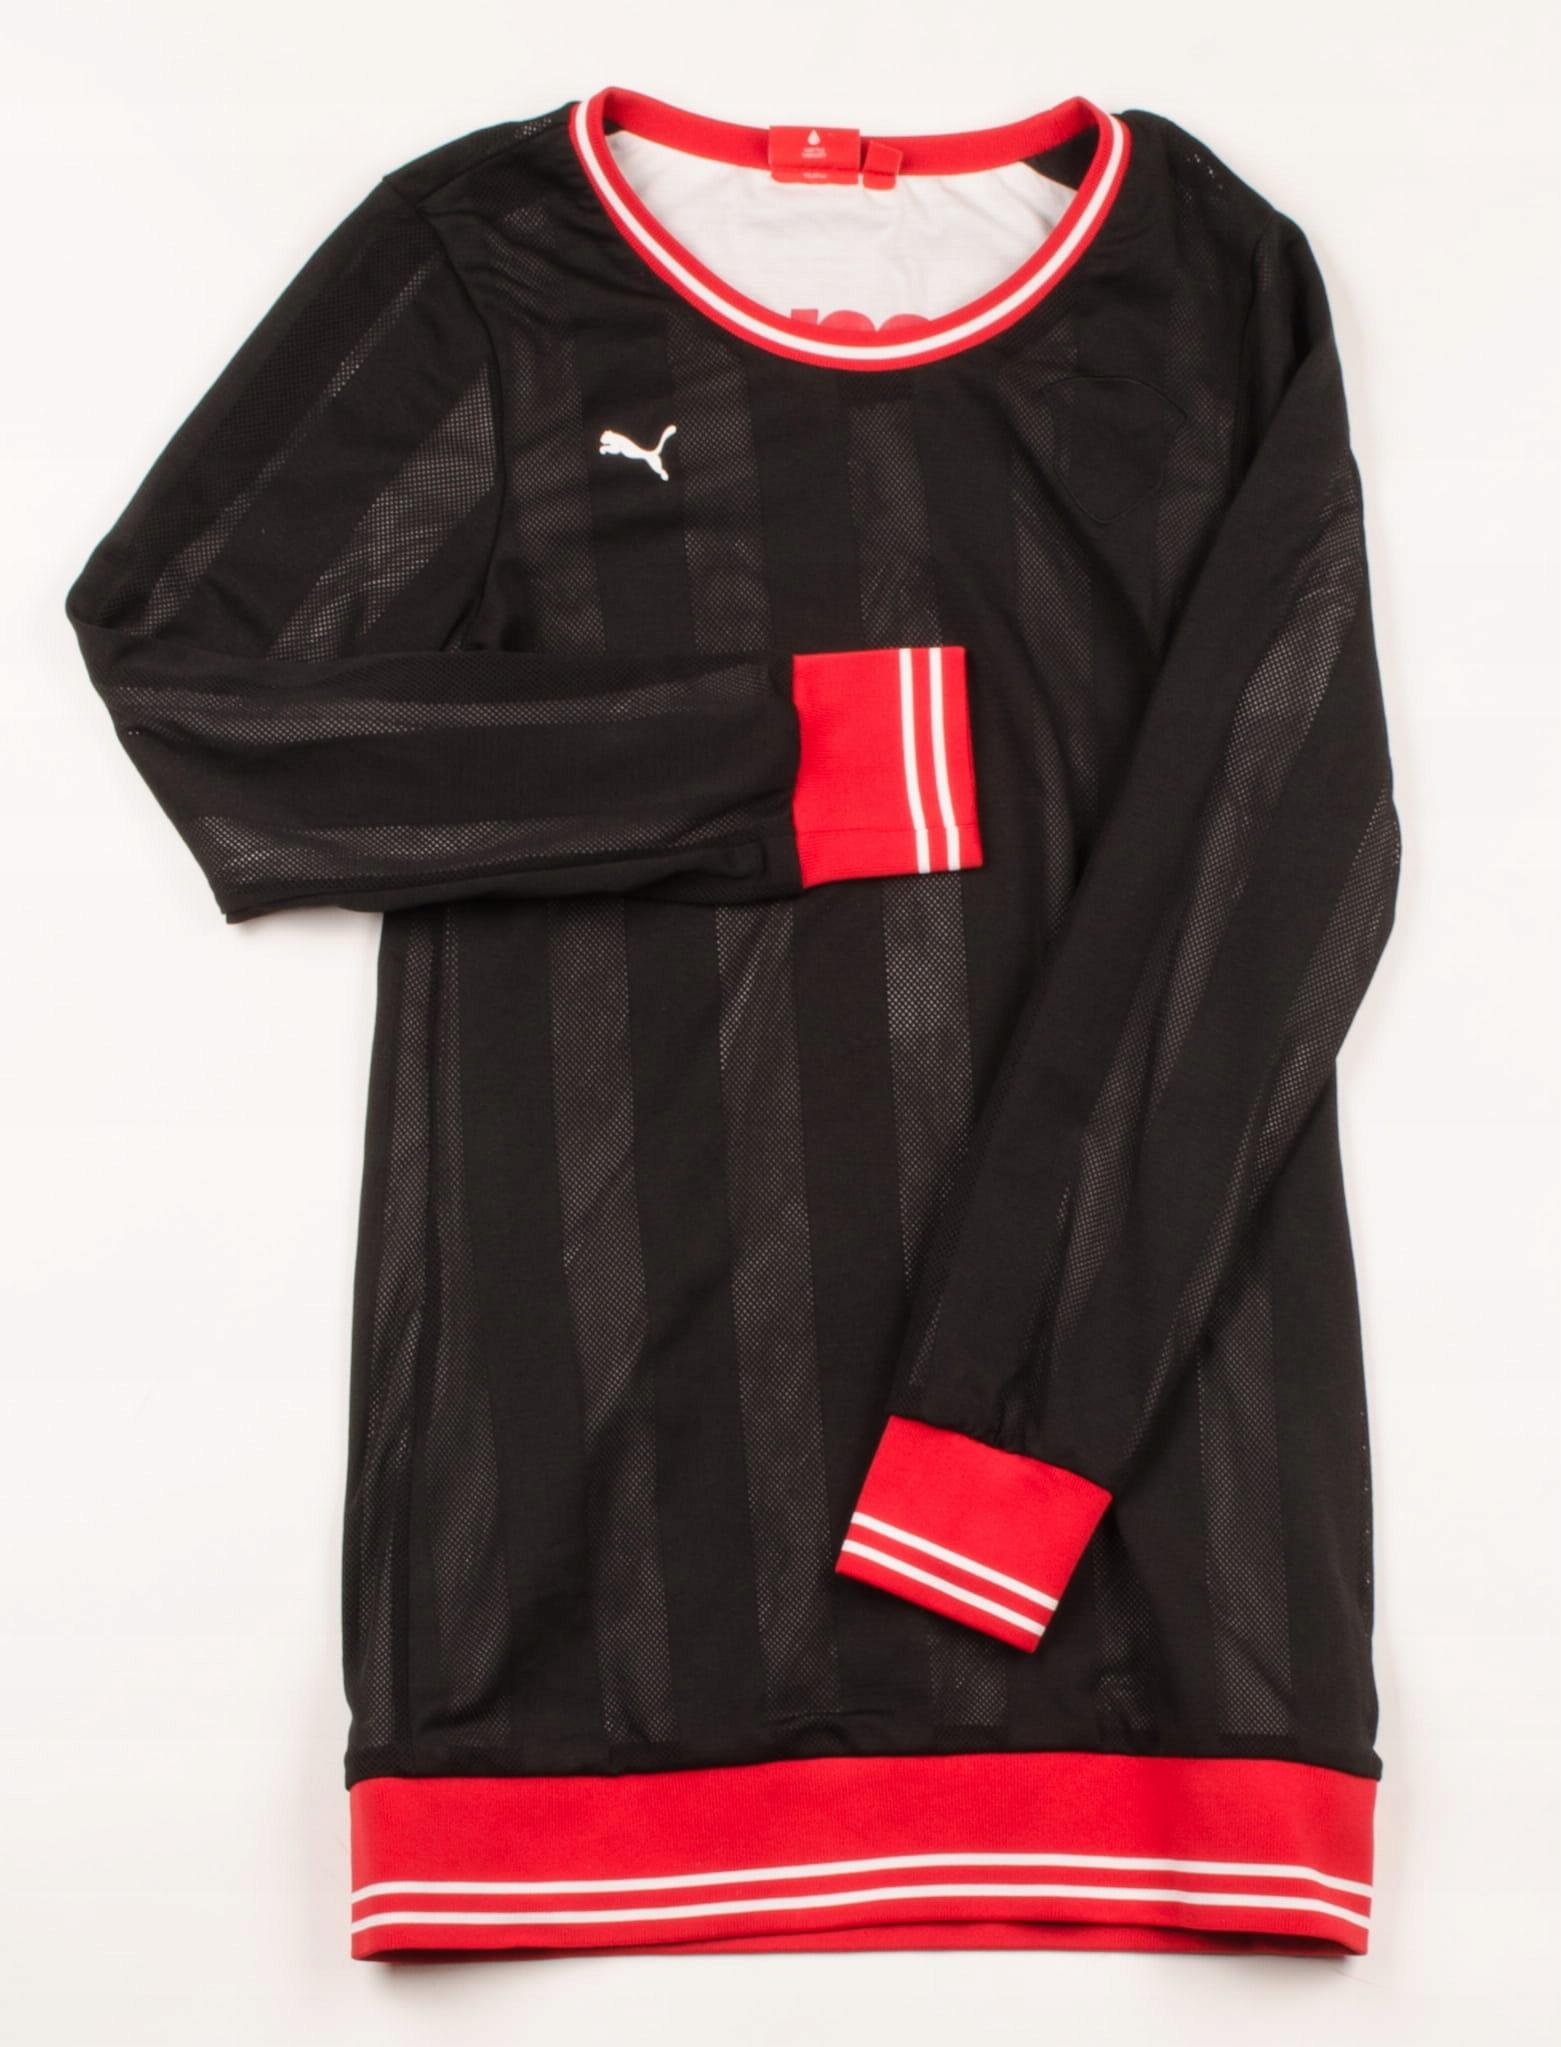 31412 Puma Koszulka Sportowa Męska L